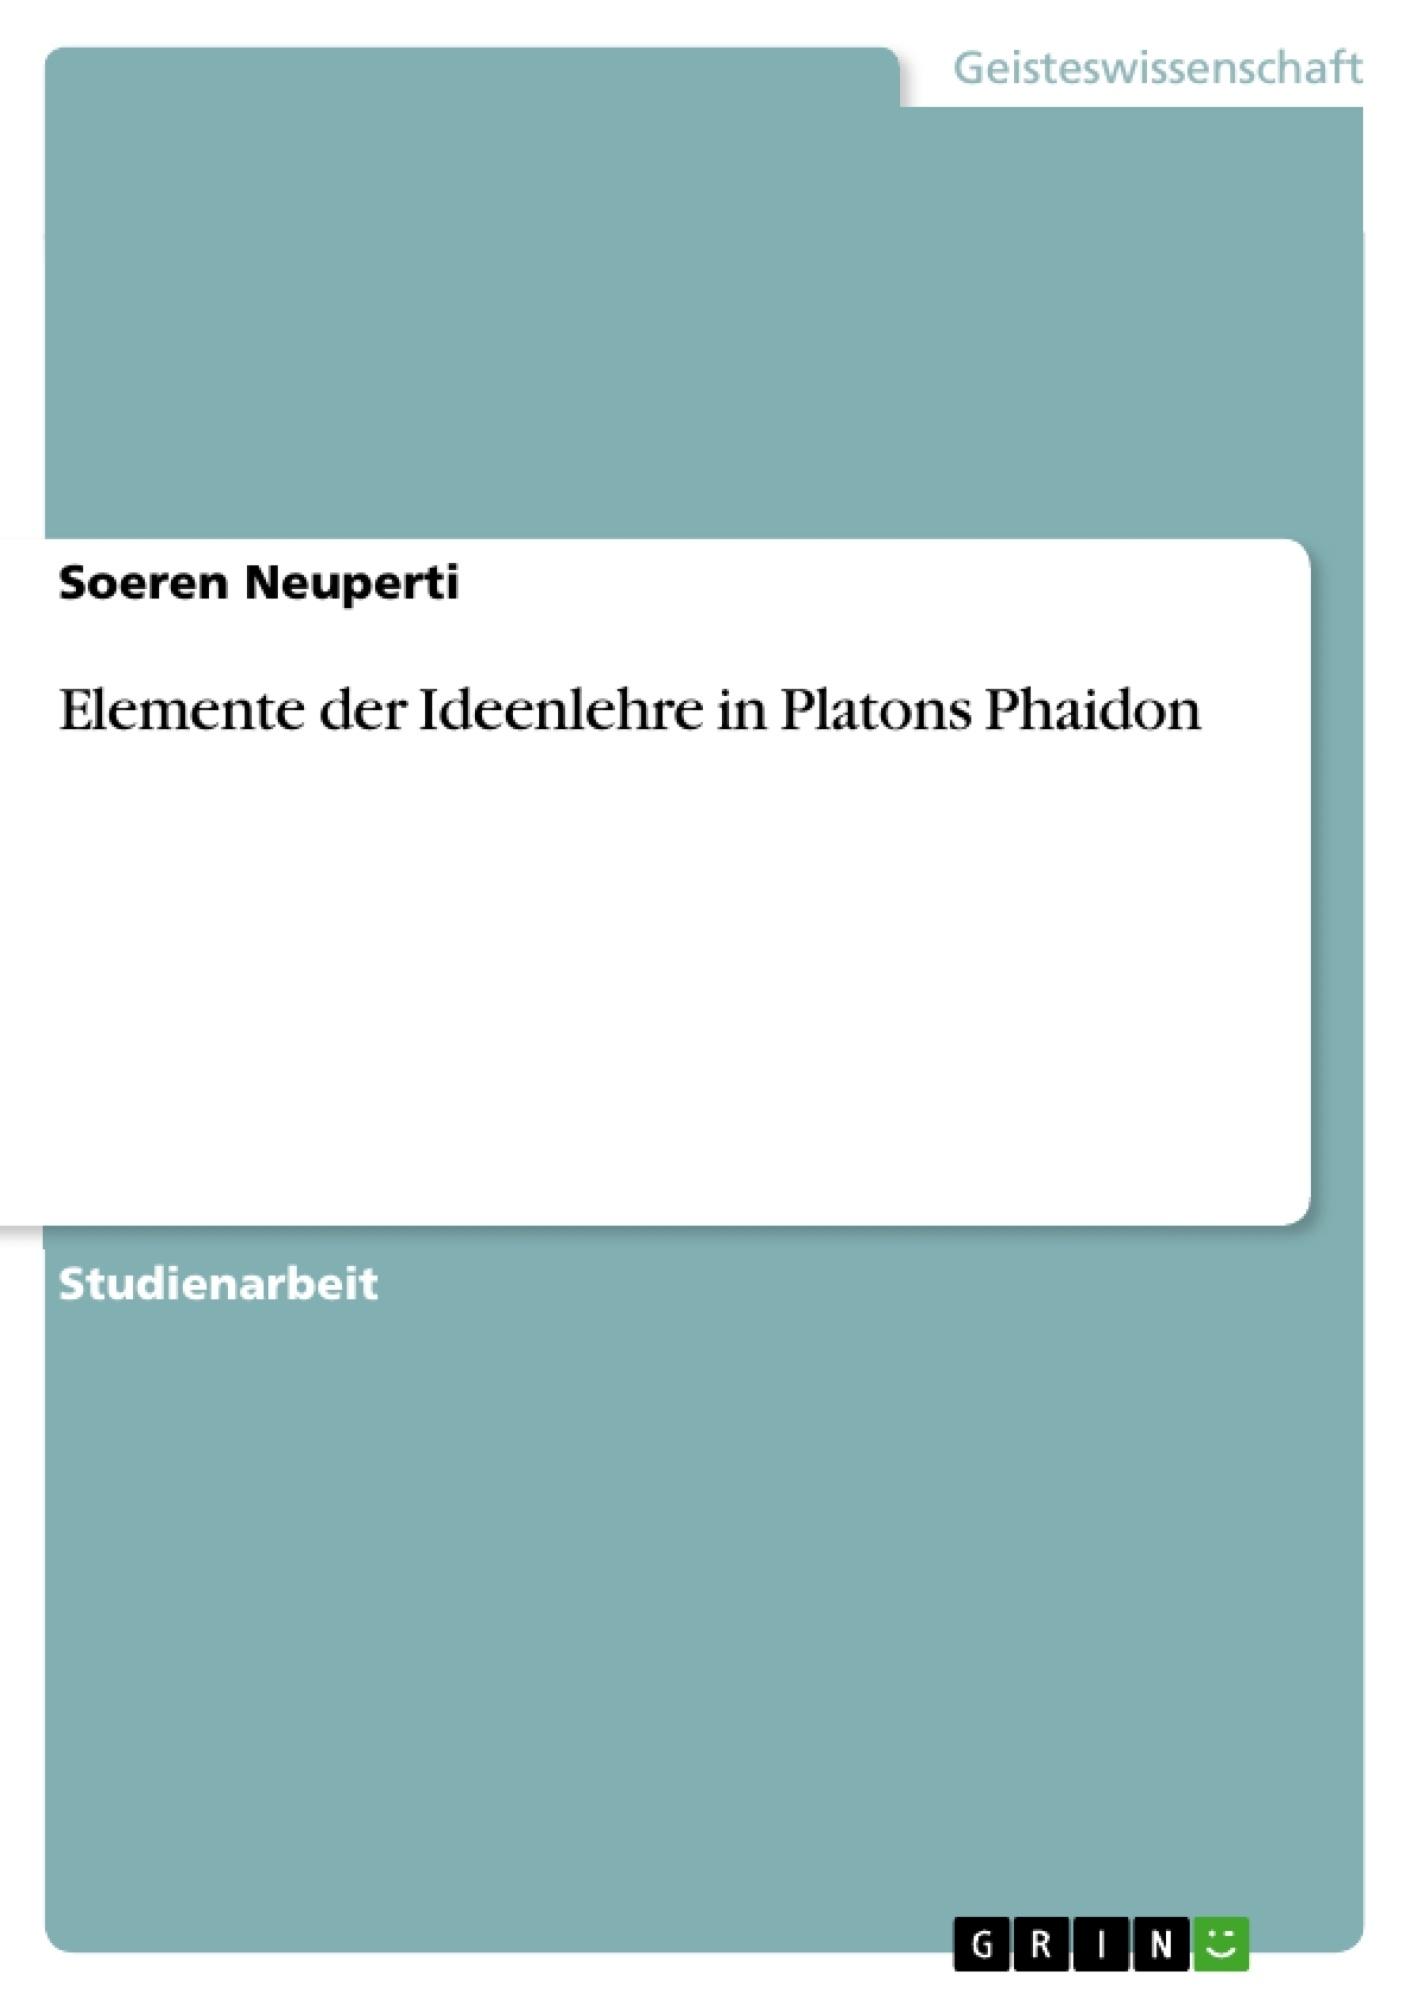 Titel: Elemente der Ideenlehre in Platons  Phaidon